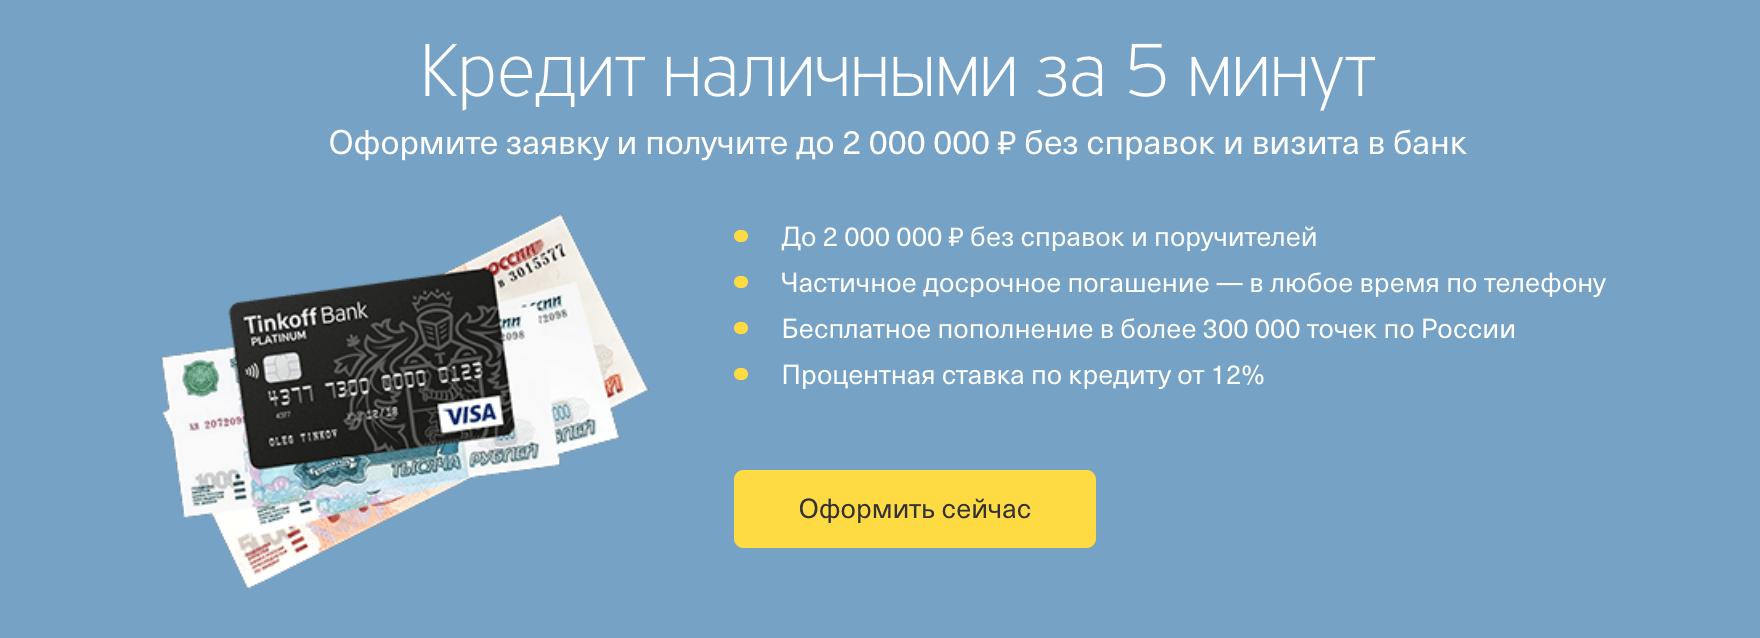 тинькофф повторный кредит